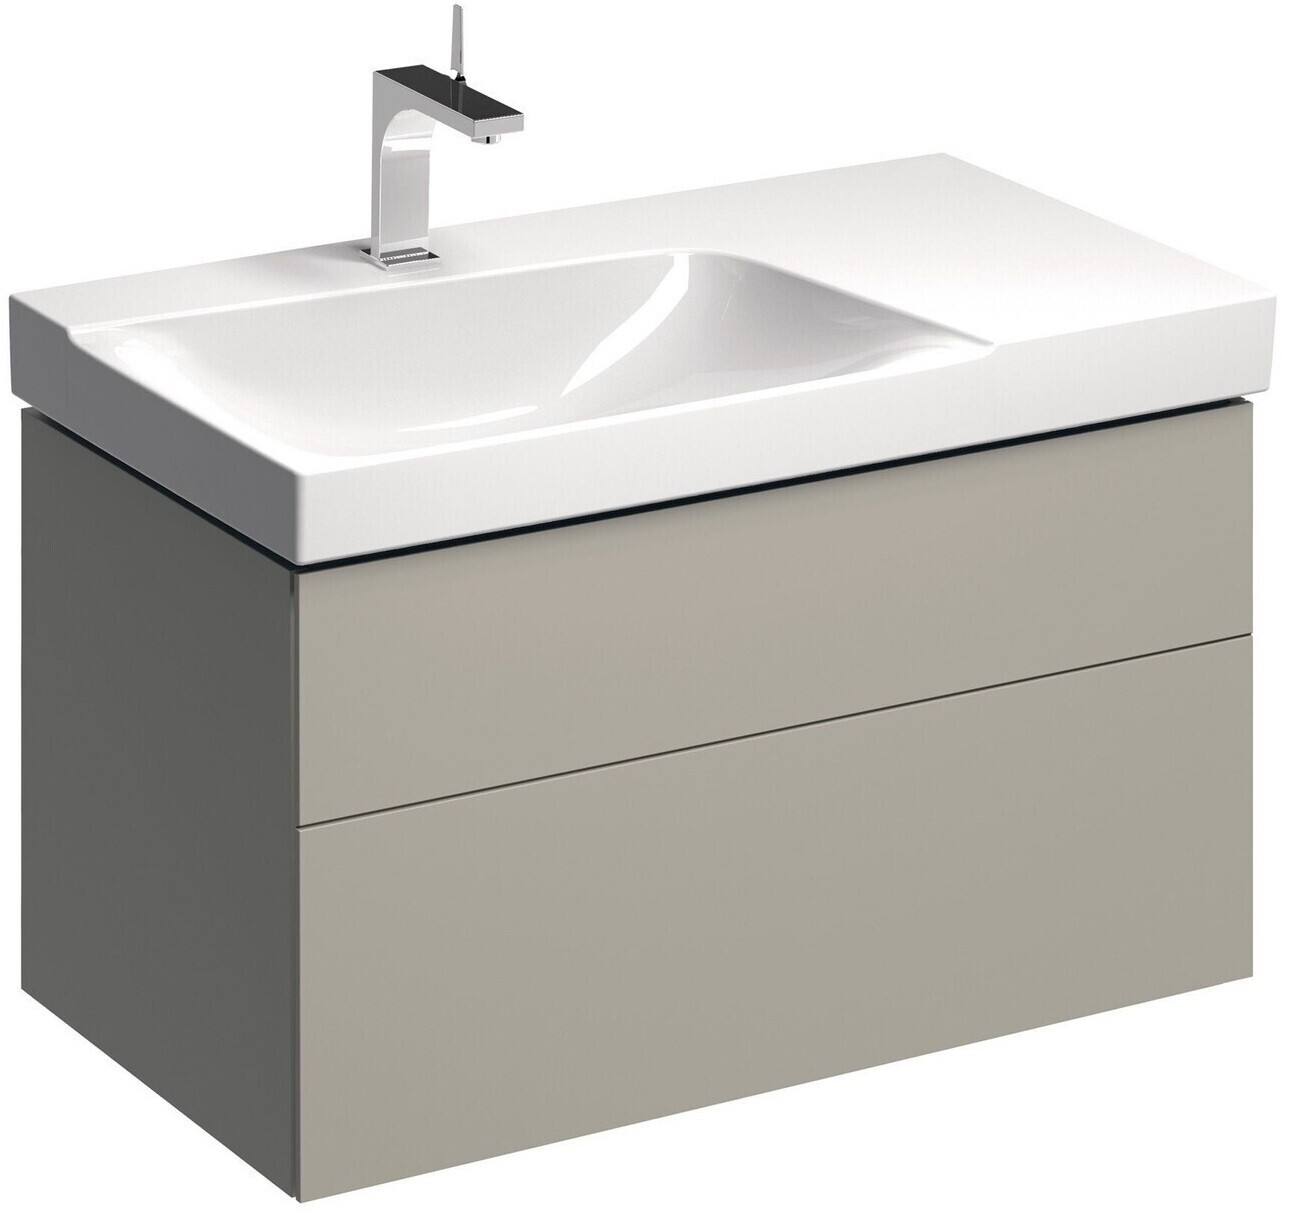 Meuble bas pour lavabo Geberit Xeno² 90 cm avec plage de dépose avec deux tiroirs en grège laqué mat